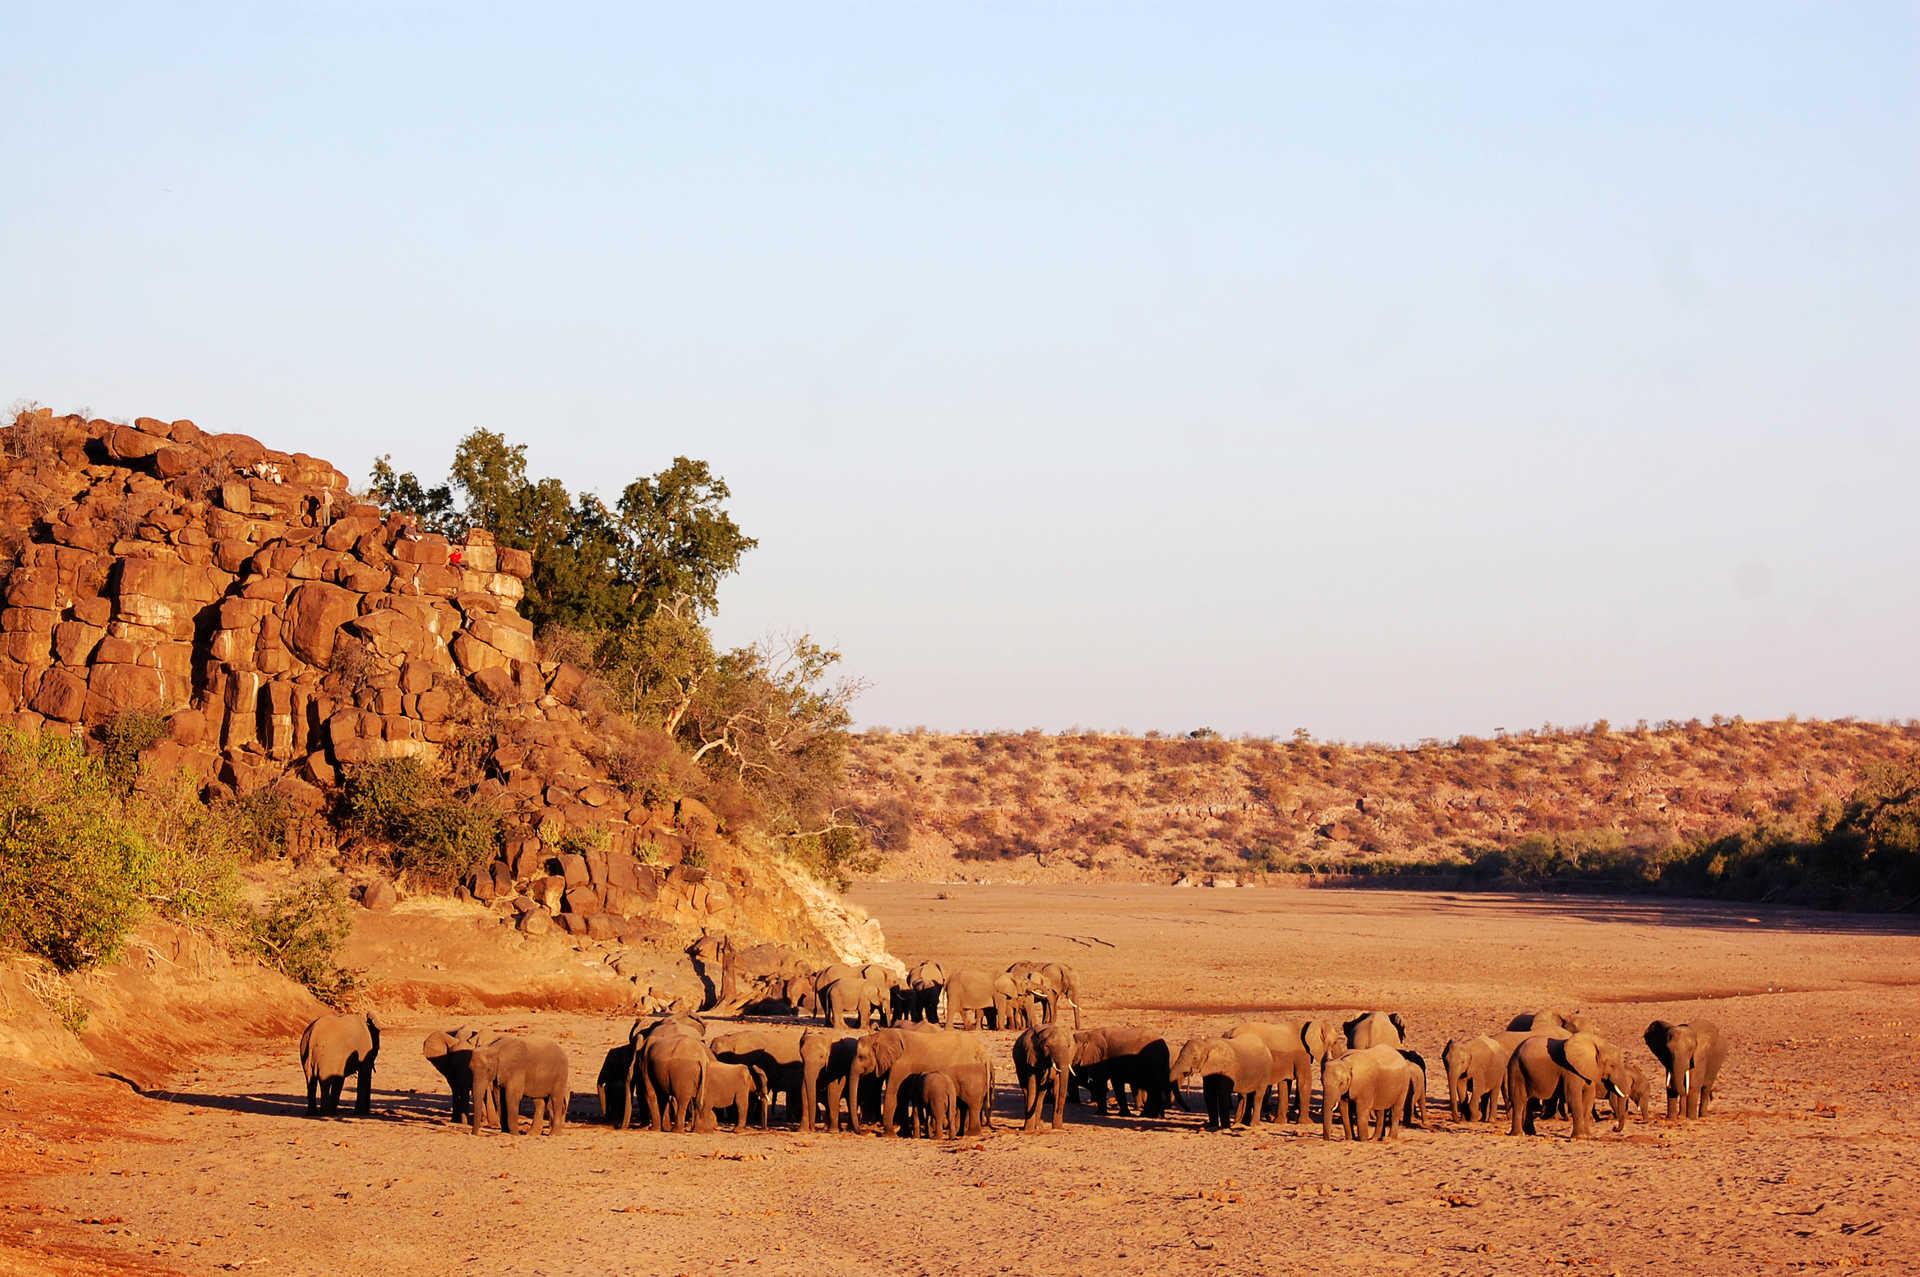 Éléphants sauvages dans la savane